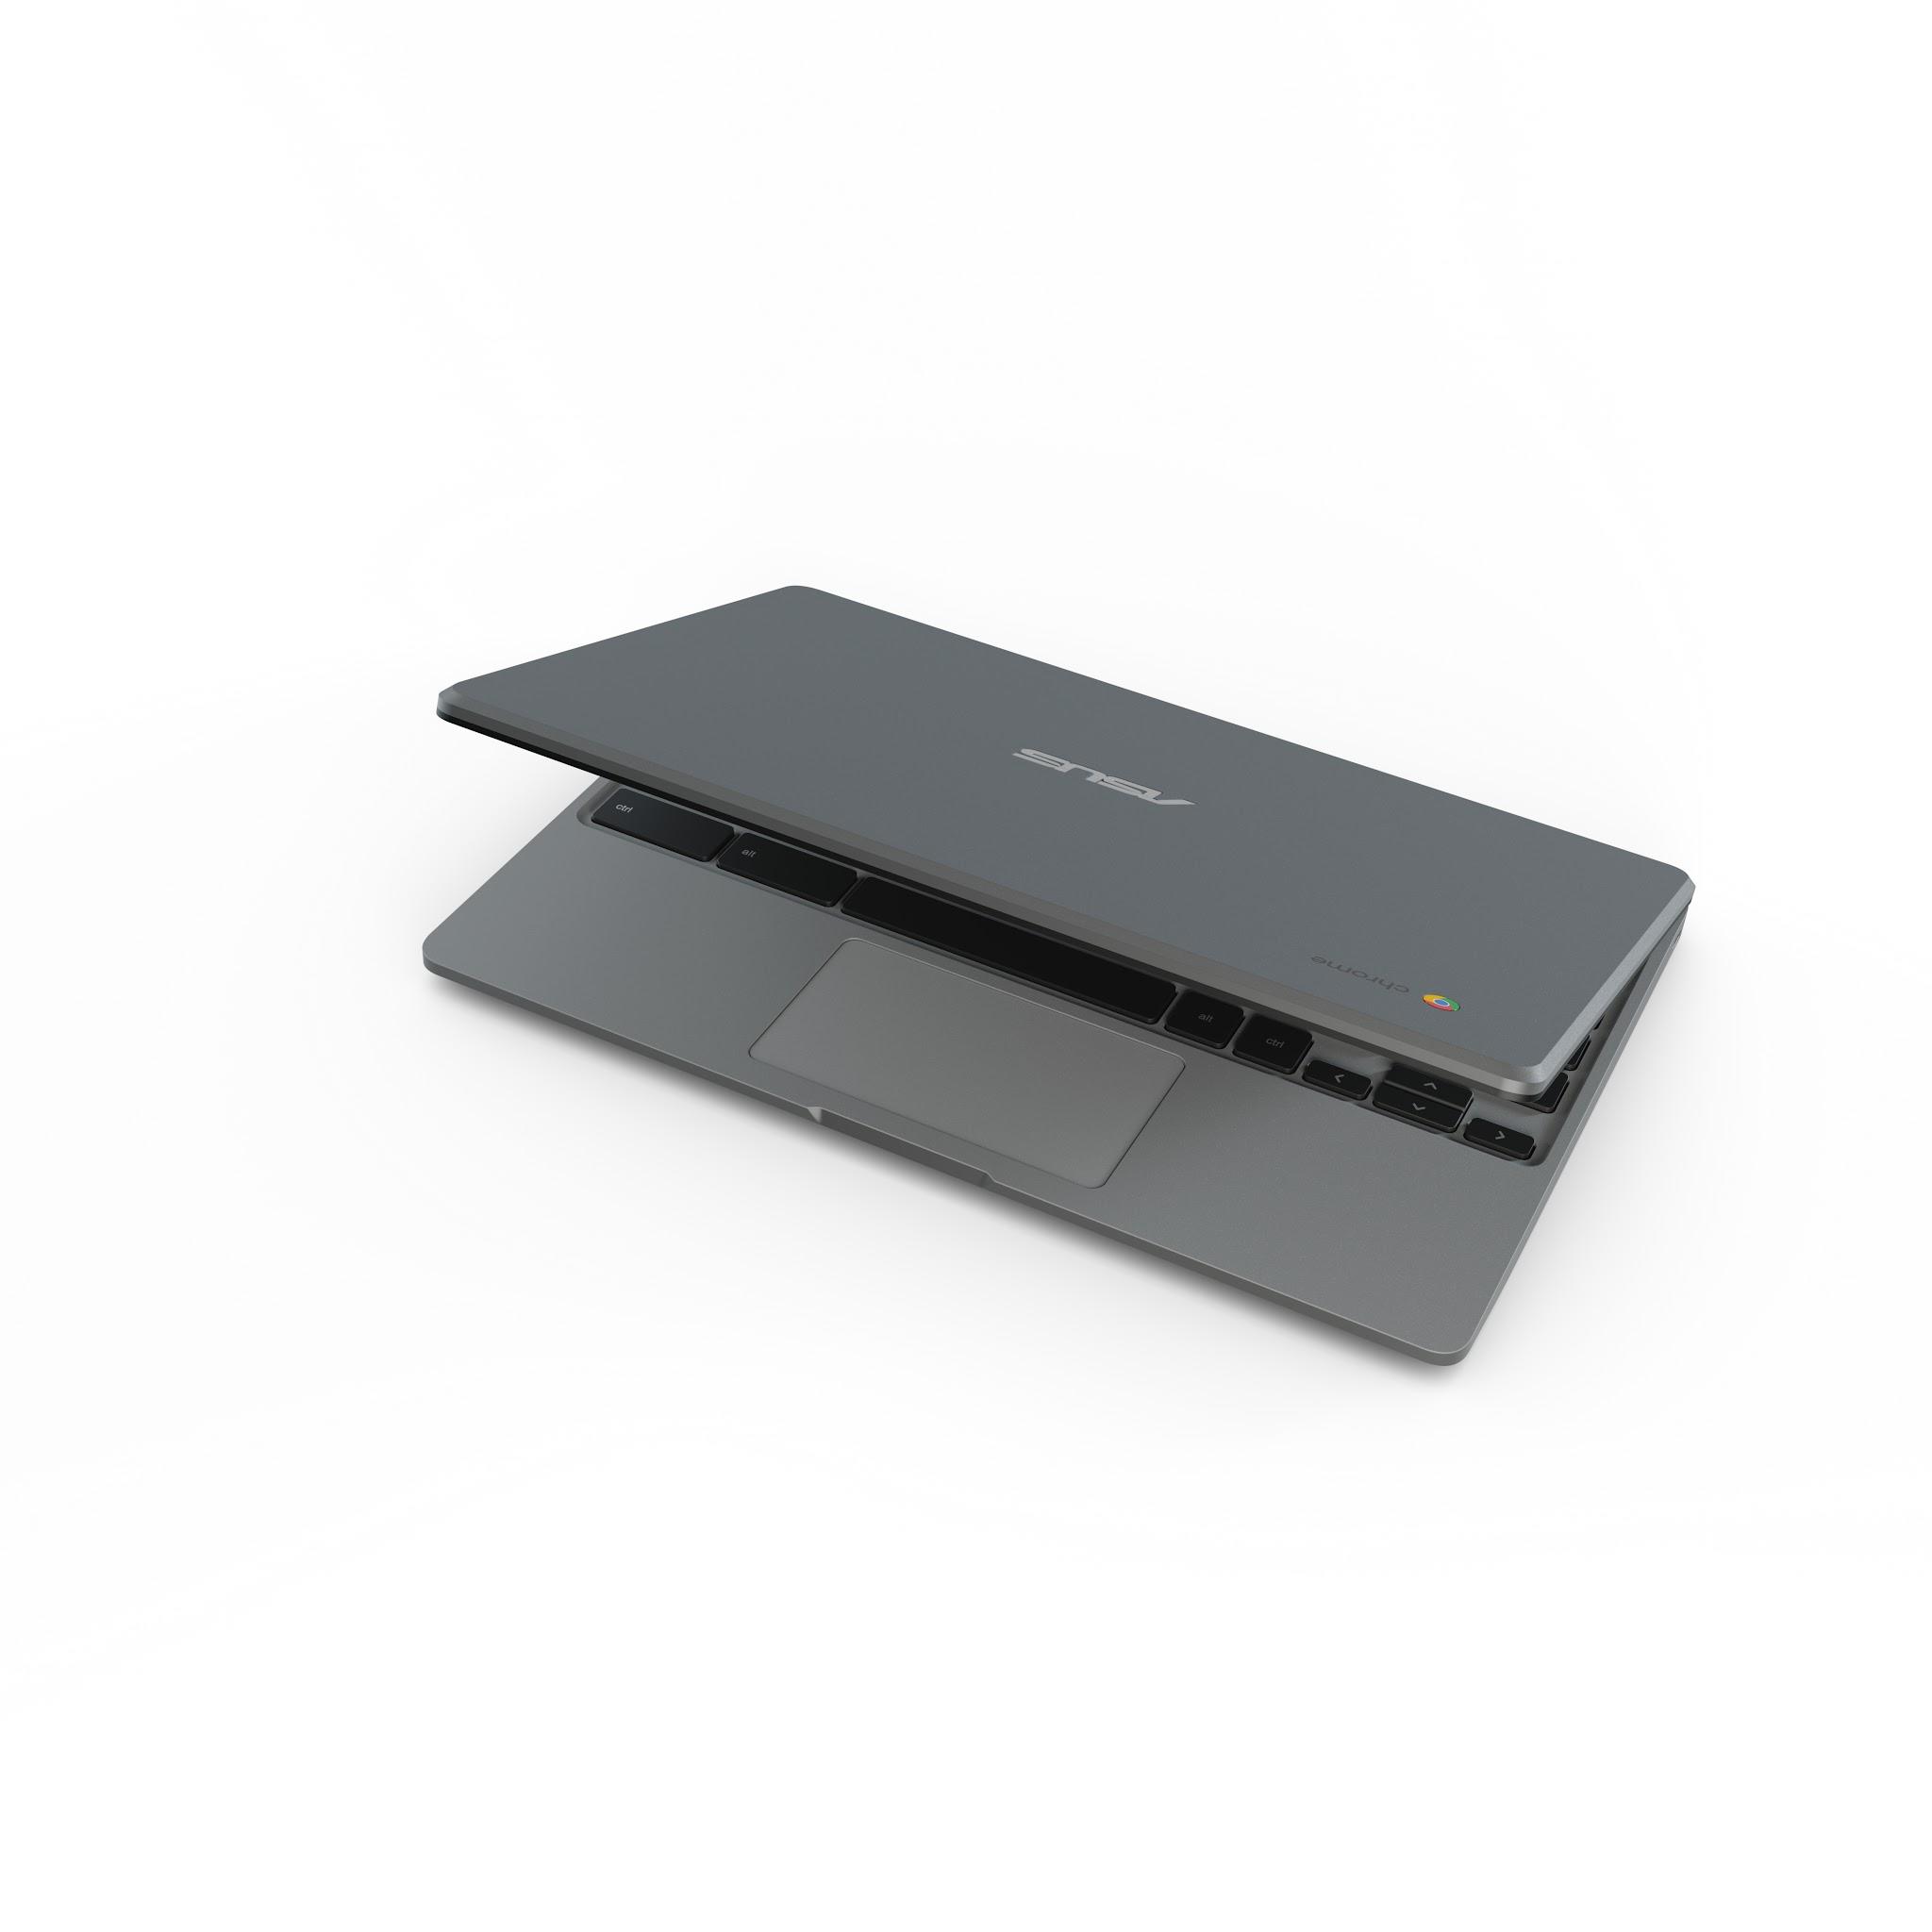 ASUS Chromebook C223 - photo 6